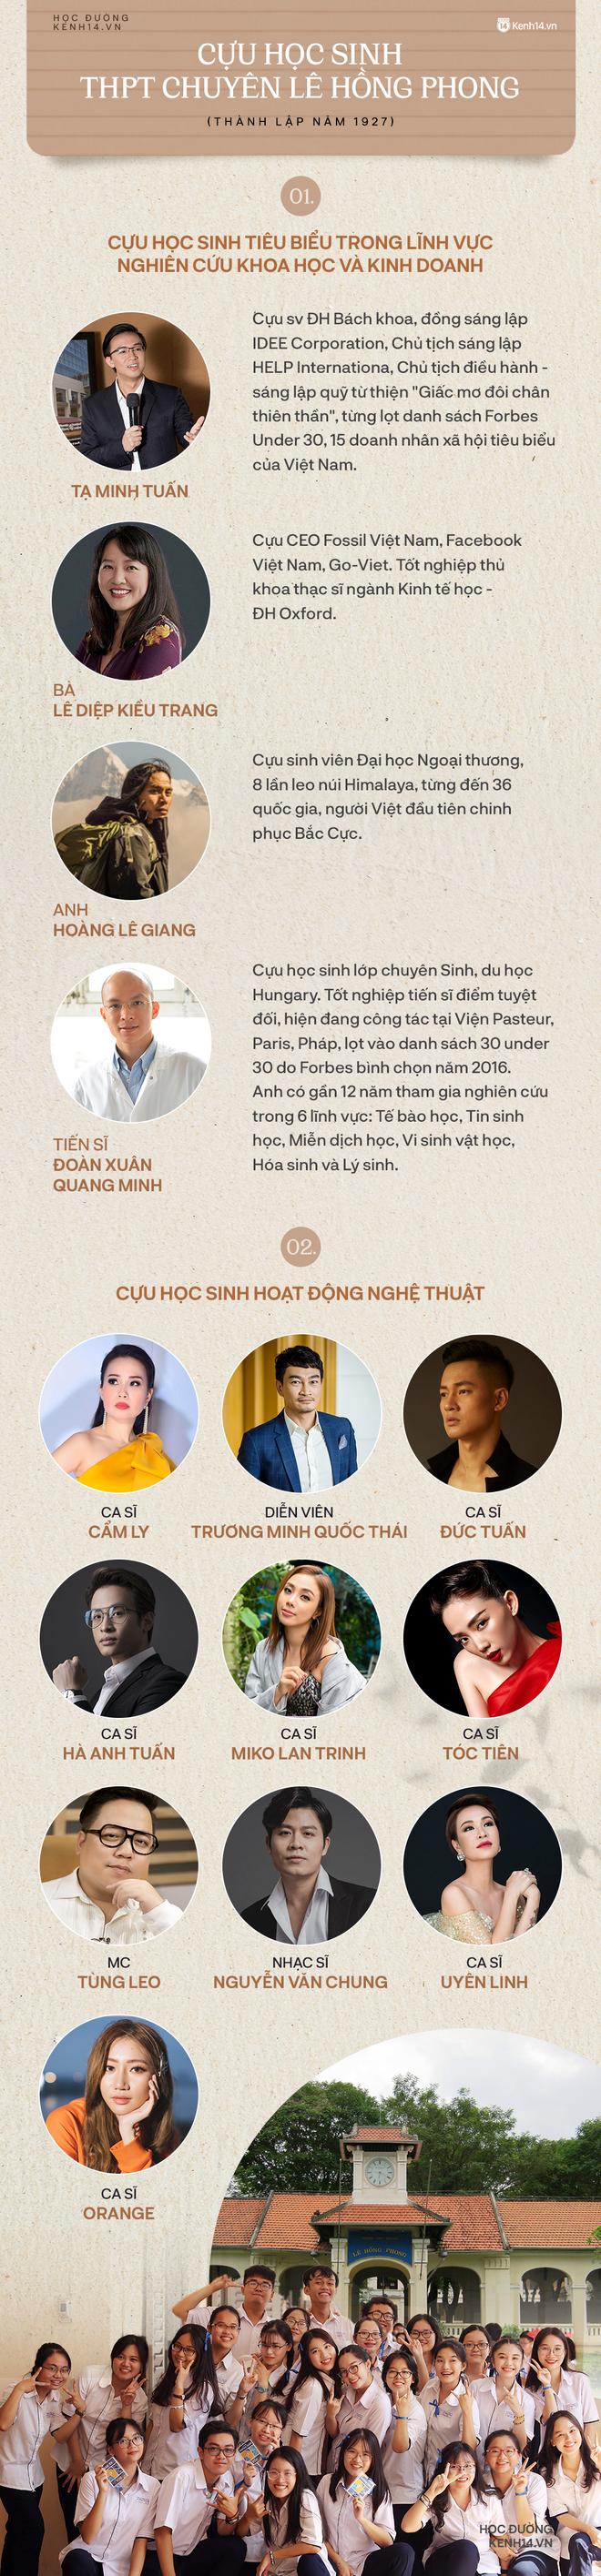 Cựu học sinh 2 trường THPT trăm tuổi ở Sài Gòn: Toàn CEO tầm cỡ, nghệ sĩ hạng A của showbiz - Ảnh 1.